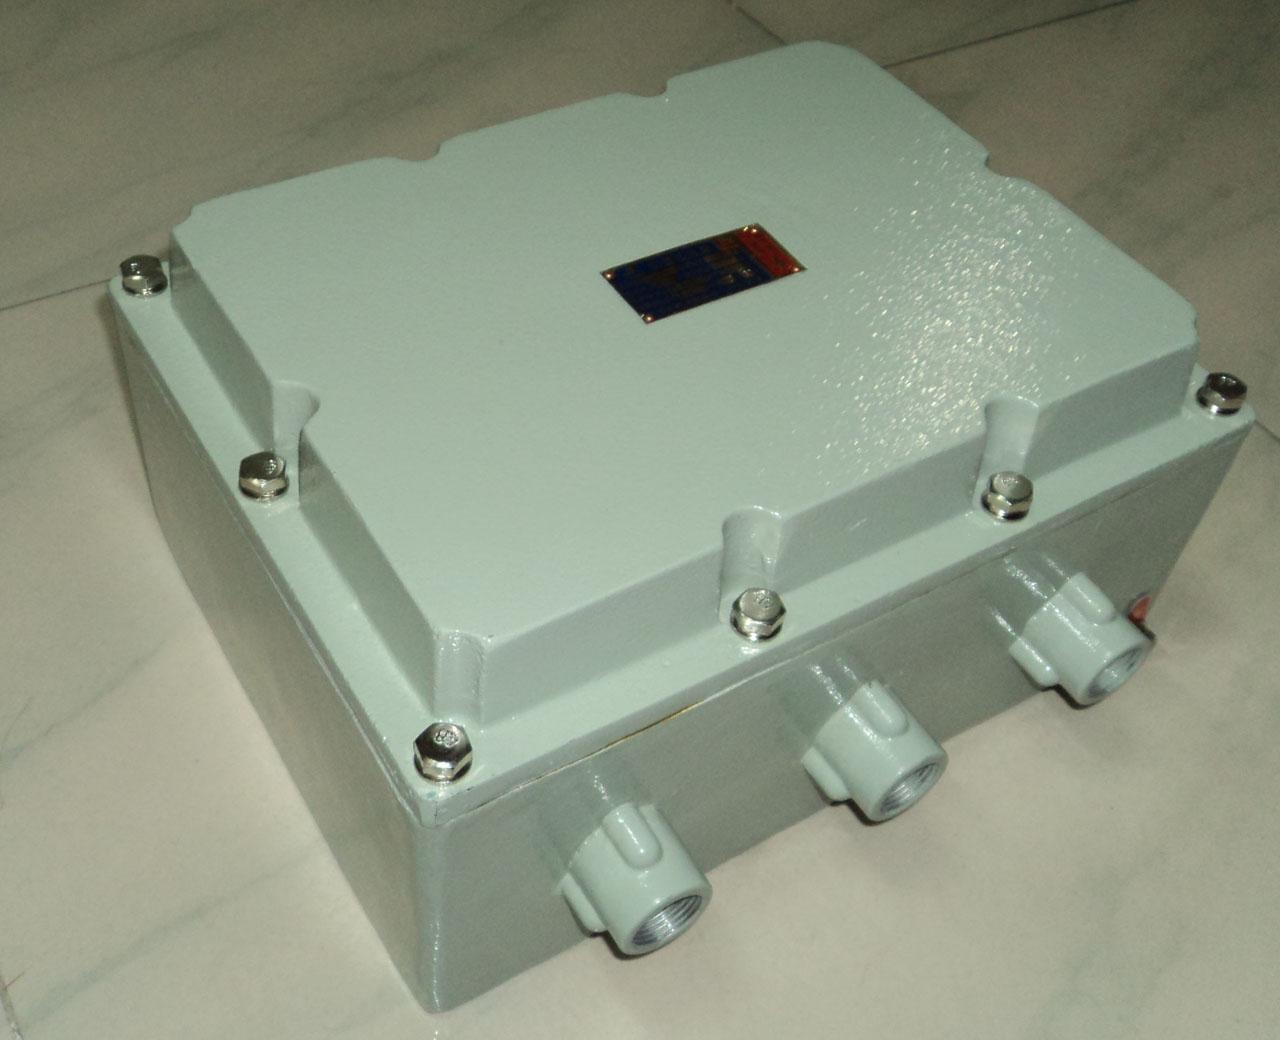 产品型号:FJK-FB 防爆箱规格:ZXBX简要说明:FJK-FB型防爆防火卷帘控制器采用ZXBX型铸铝合金外壳的防爆控制箱,上下为增安型接线腔,接线腔与主腔间采用隔离密封,主腔与外界完全隔离。该控制箱经国家防爆质量监督检验中心按GB3836-2000检测合格,其他功能与FJK-T-1型防火卷帘控制箱同。防爆按钮为复合型全密封结构,采用阻燃ABS注塑成形,内装隔爆元件。产品应用范围:适用于爆炸性气体混合物危险场所,具有防爆、防水、防腐、耐冲击等功能。产品证书:防爆合格证CE041125 防爆标志:Exde